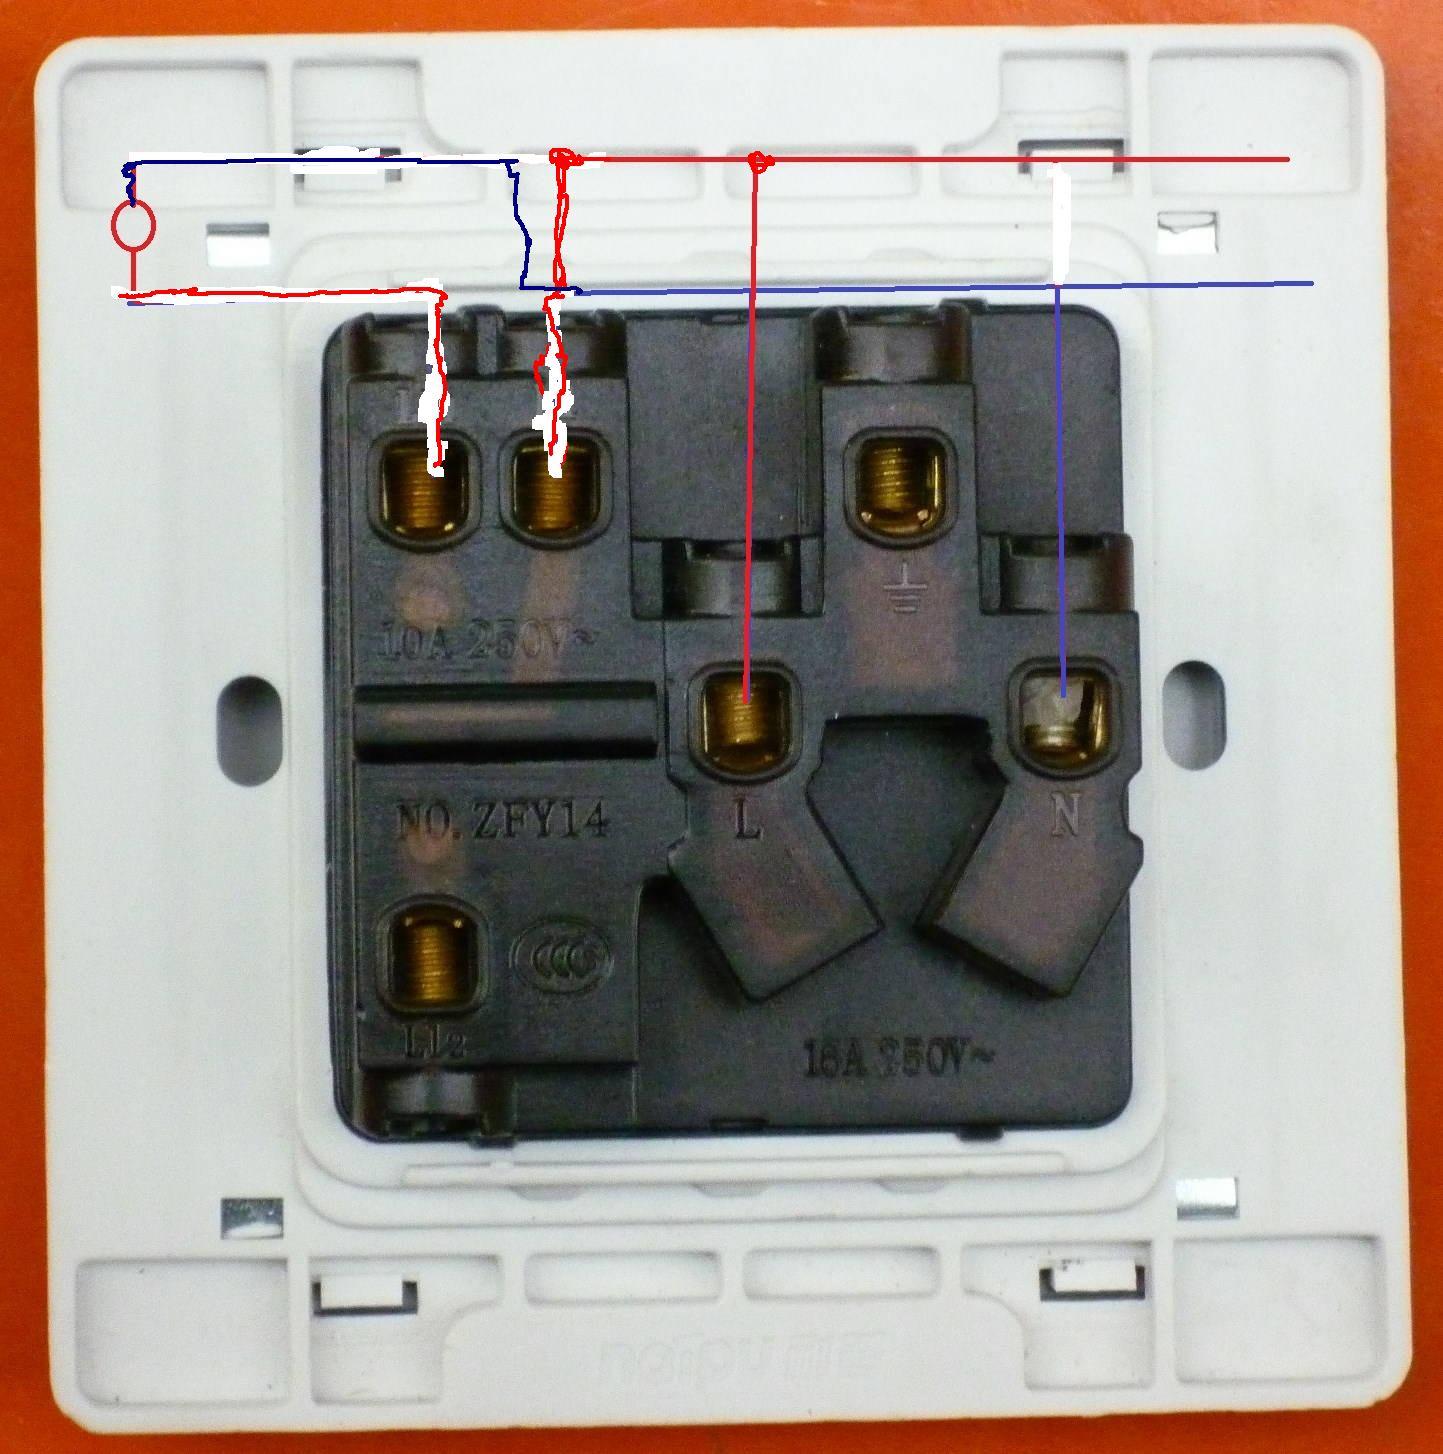 接带控制灯开关并附带插座的那种开关如何接线,附简易图